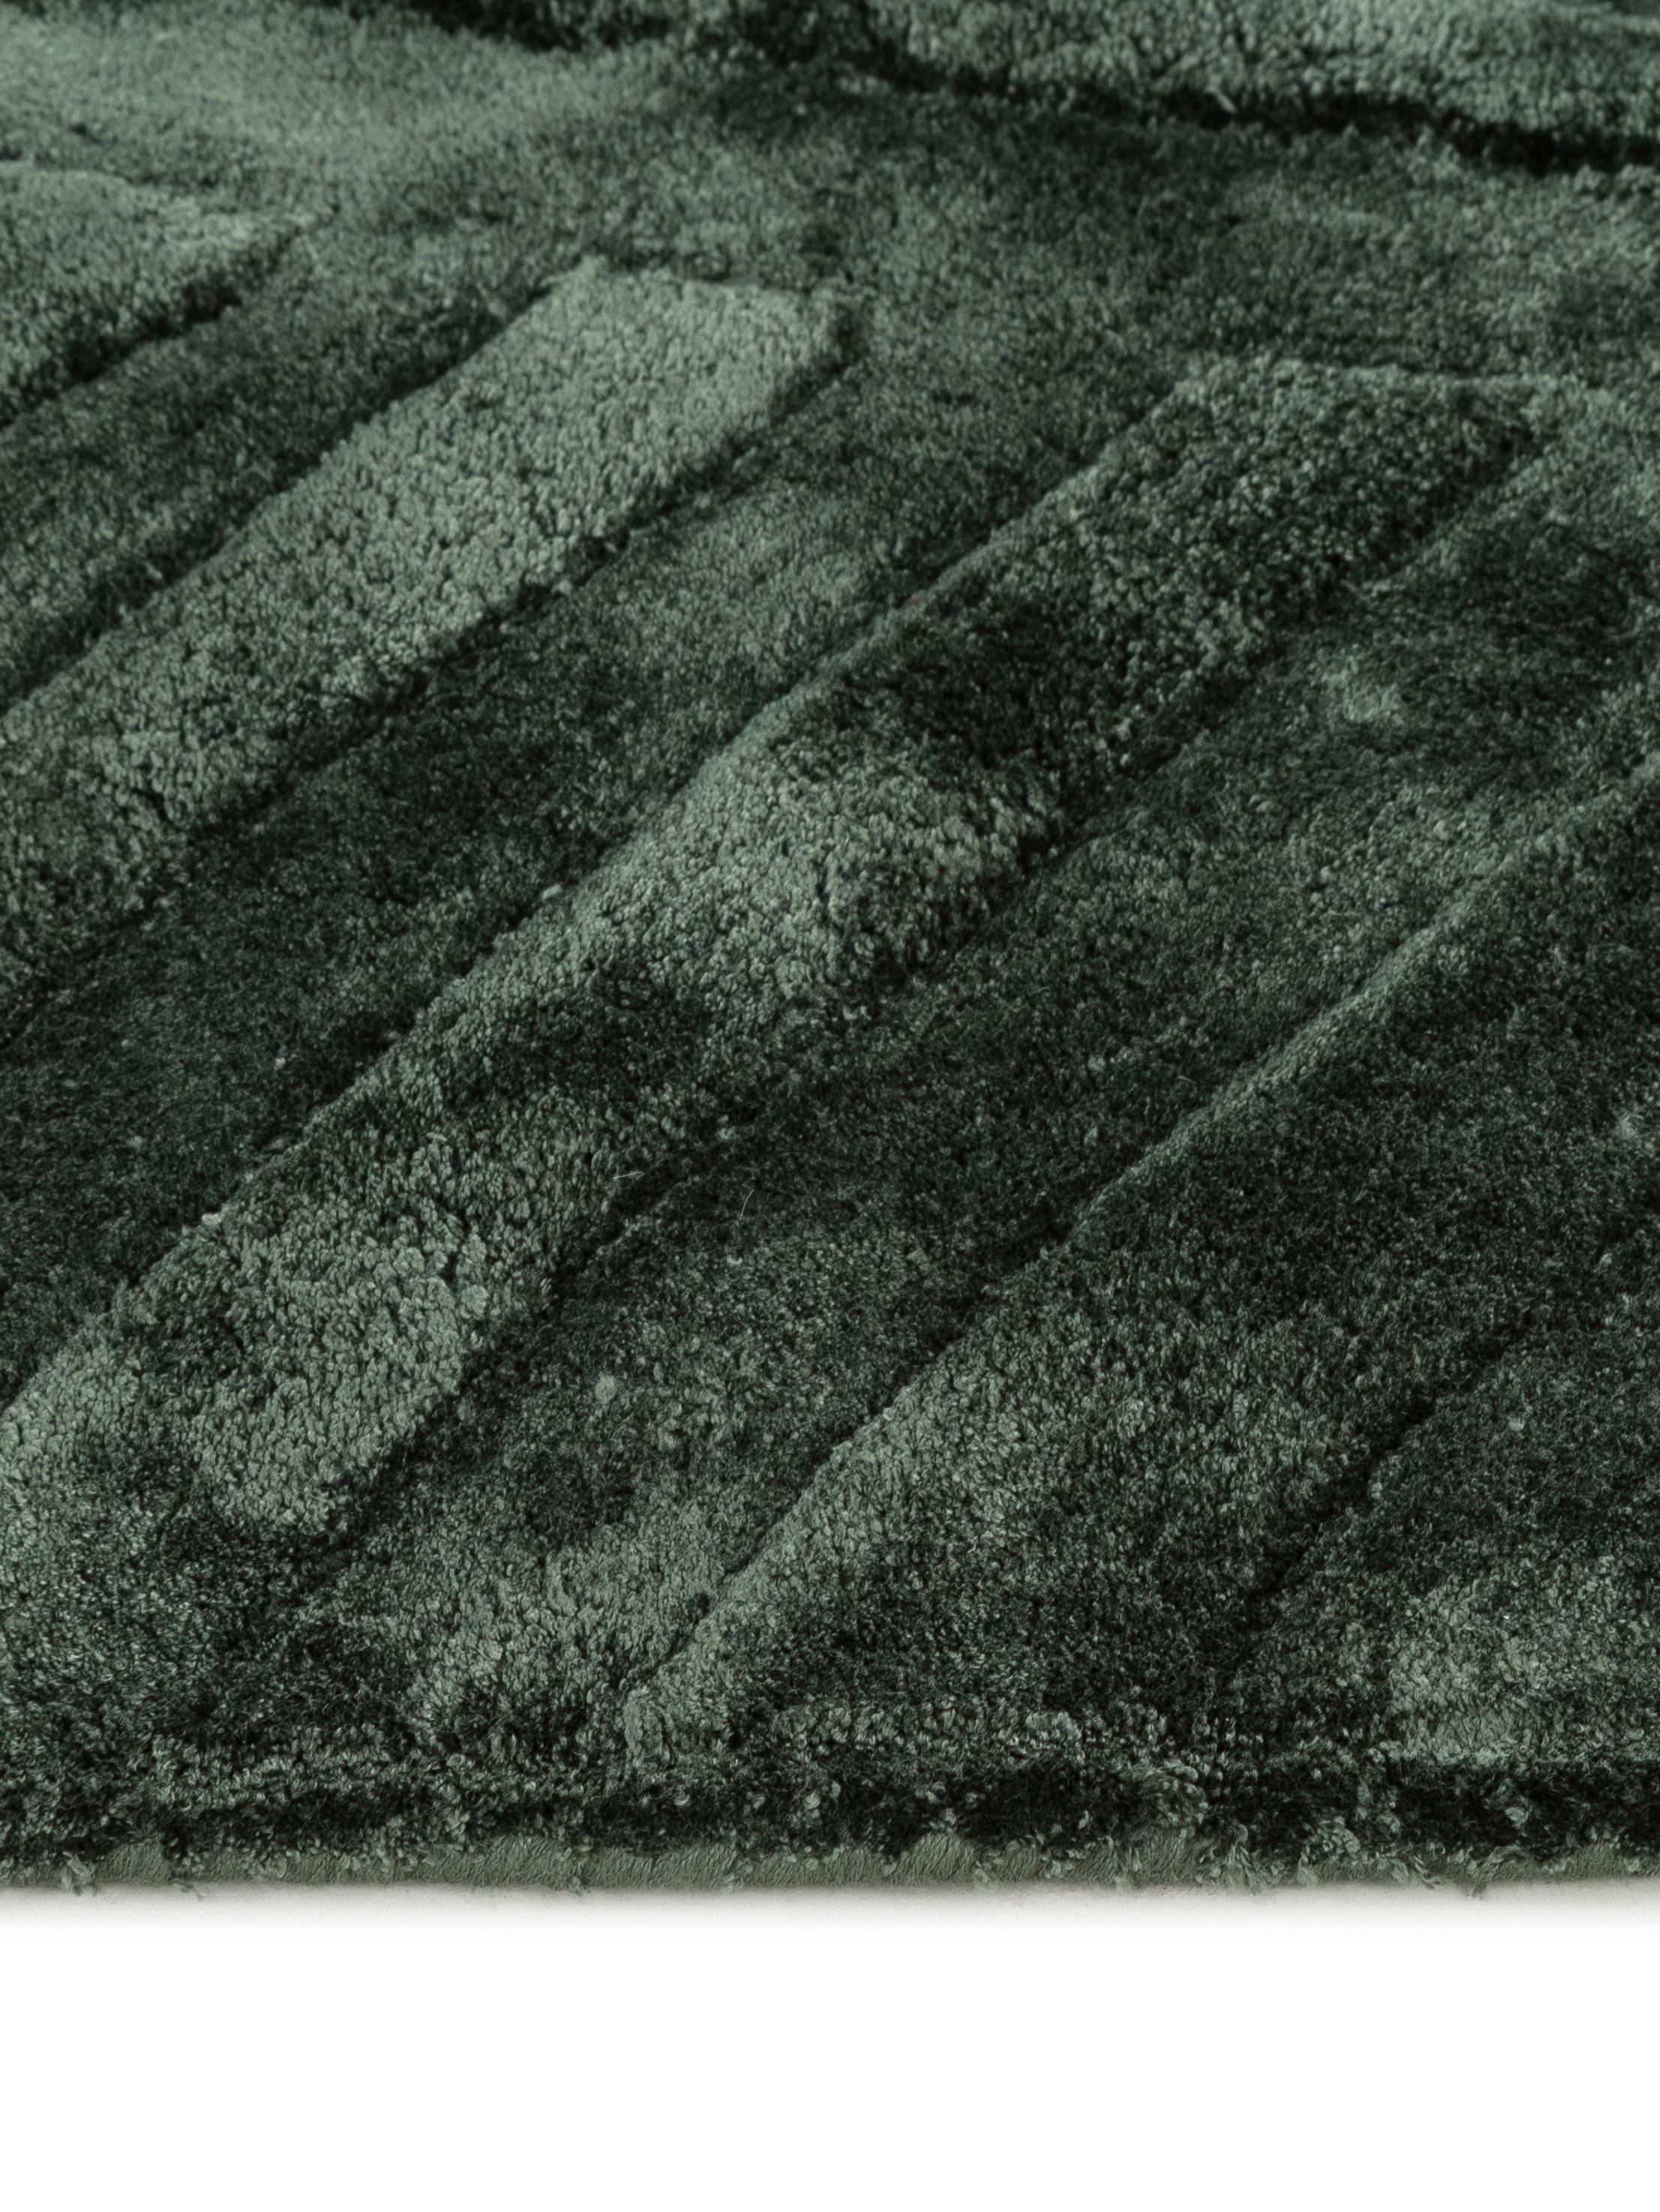 Handgetufteter Viskoseteppich Bloom in Dunkelgrün mit Muster, Flor: 100% Viskose, Dunkelgrün, B 160 x L 230 cm (Größe M)